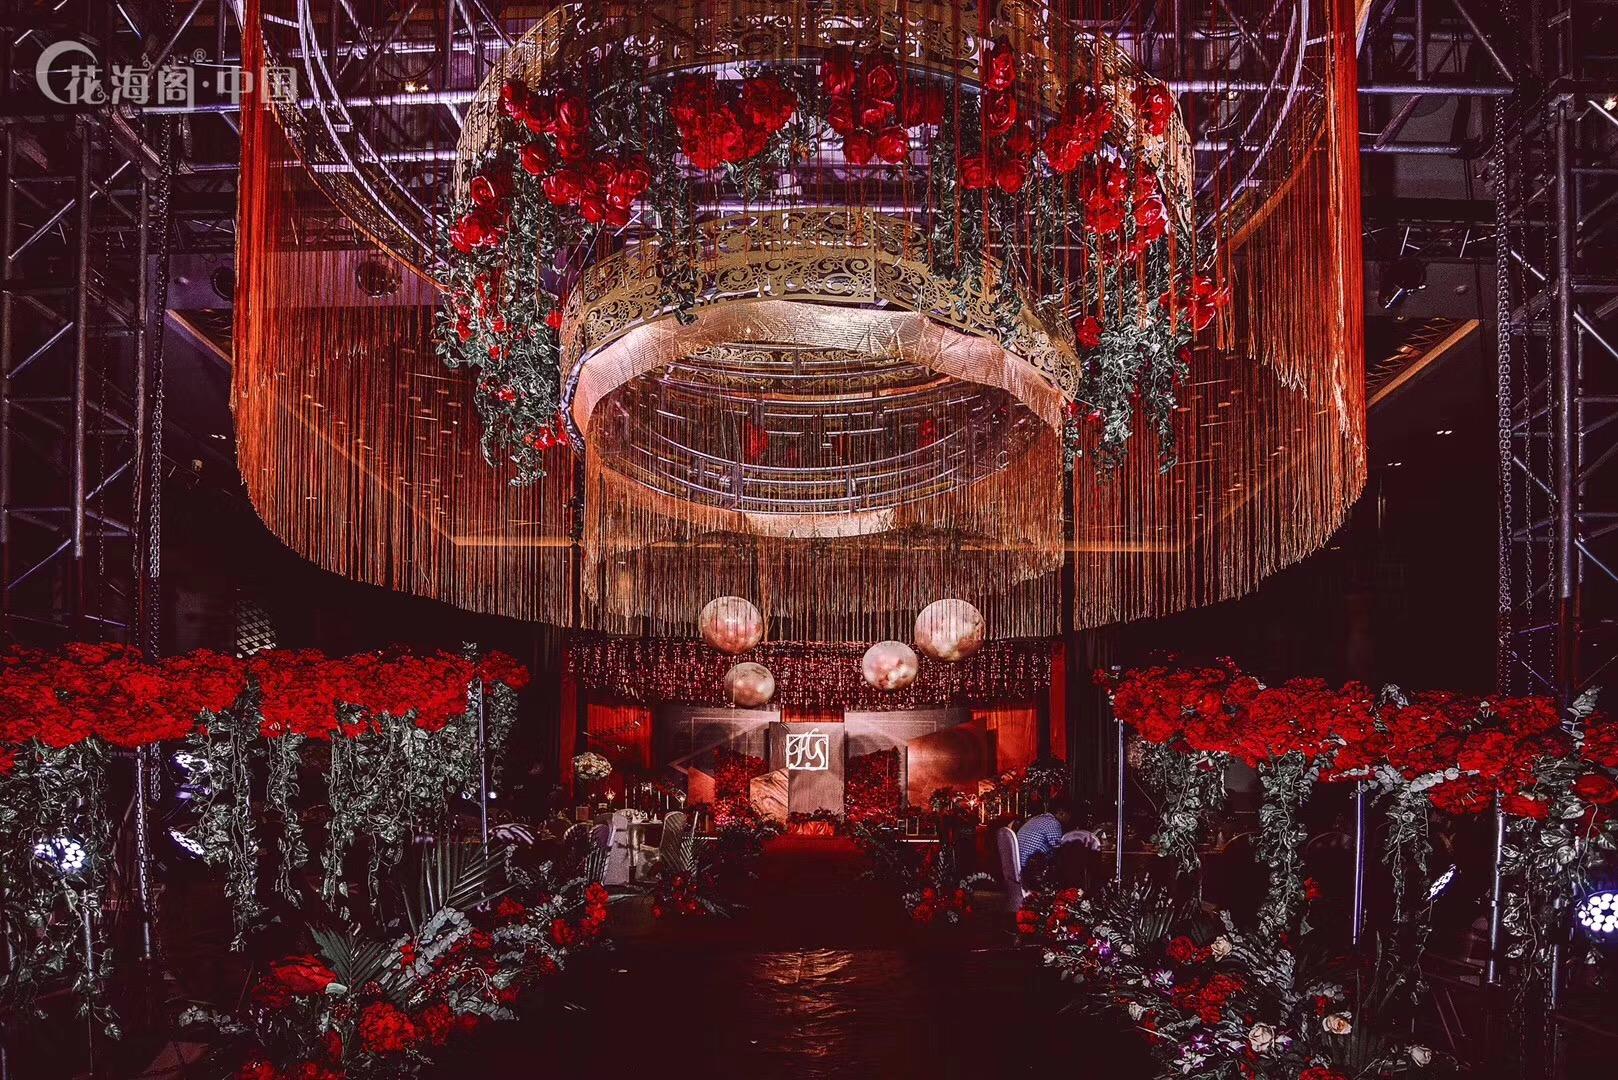 北京花海阁婚礼策划_欧式复古宫殿风_北京花海阁婚礼策划